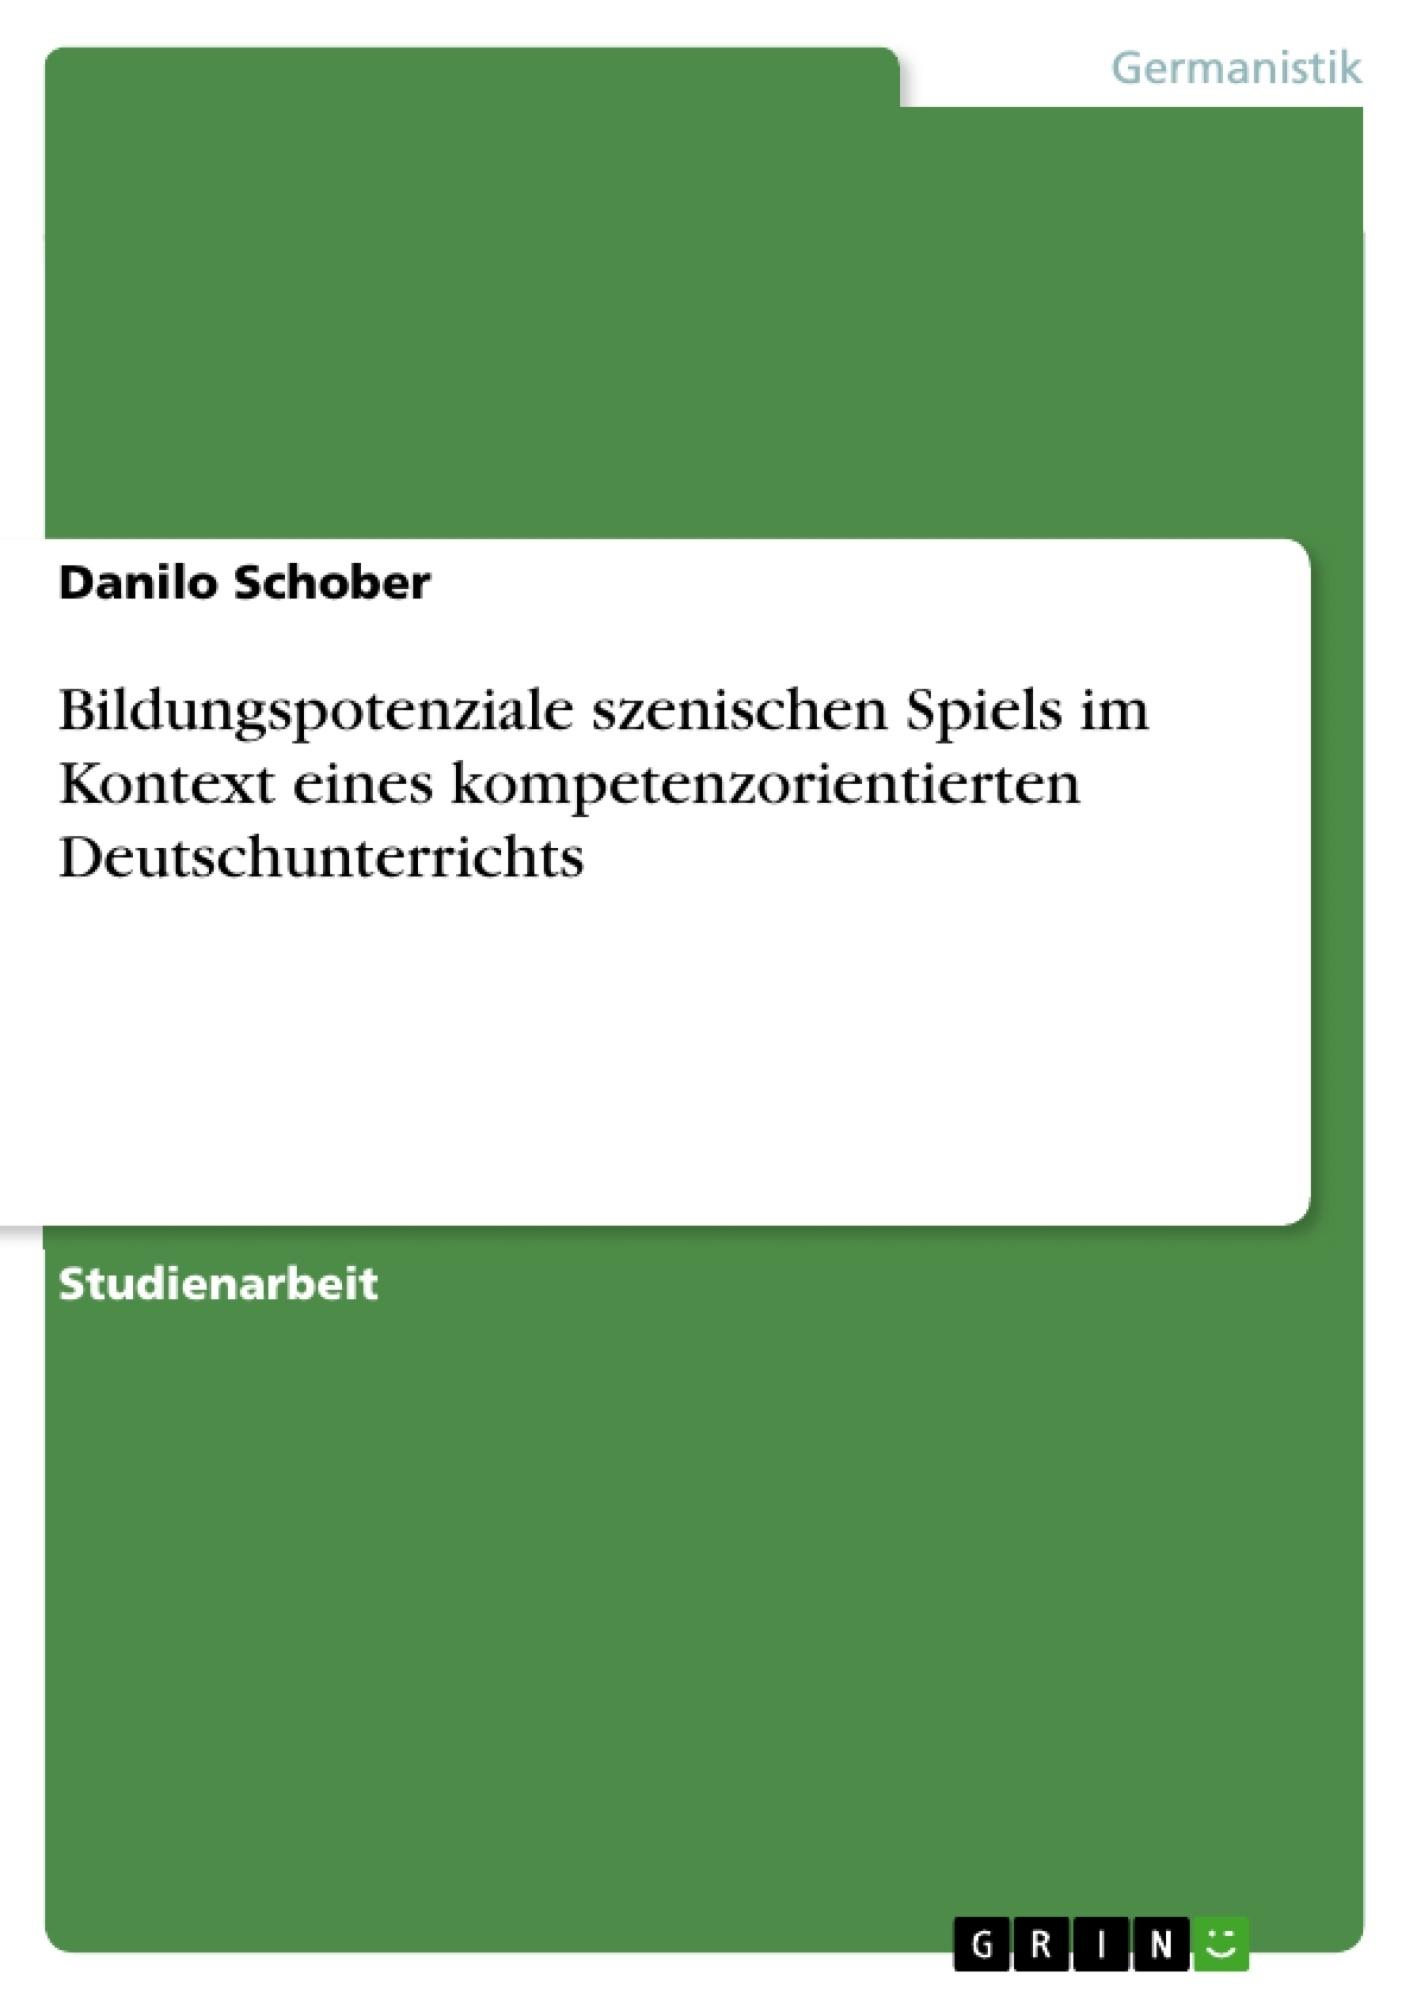 Titel: Bildungspotenziale szenischen Spiels im Kontext eines kompetenzorientierten Deutschunterrichts